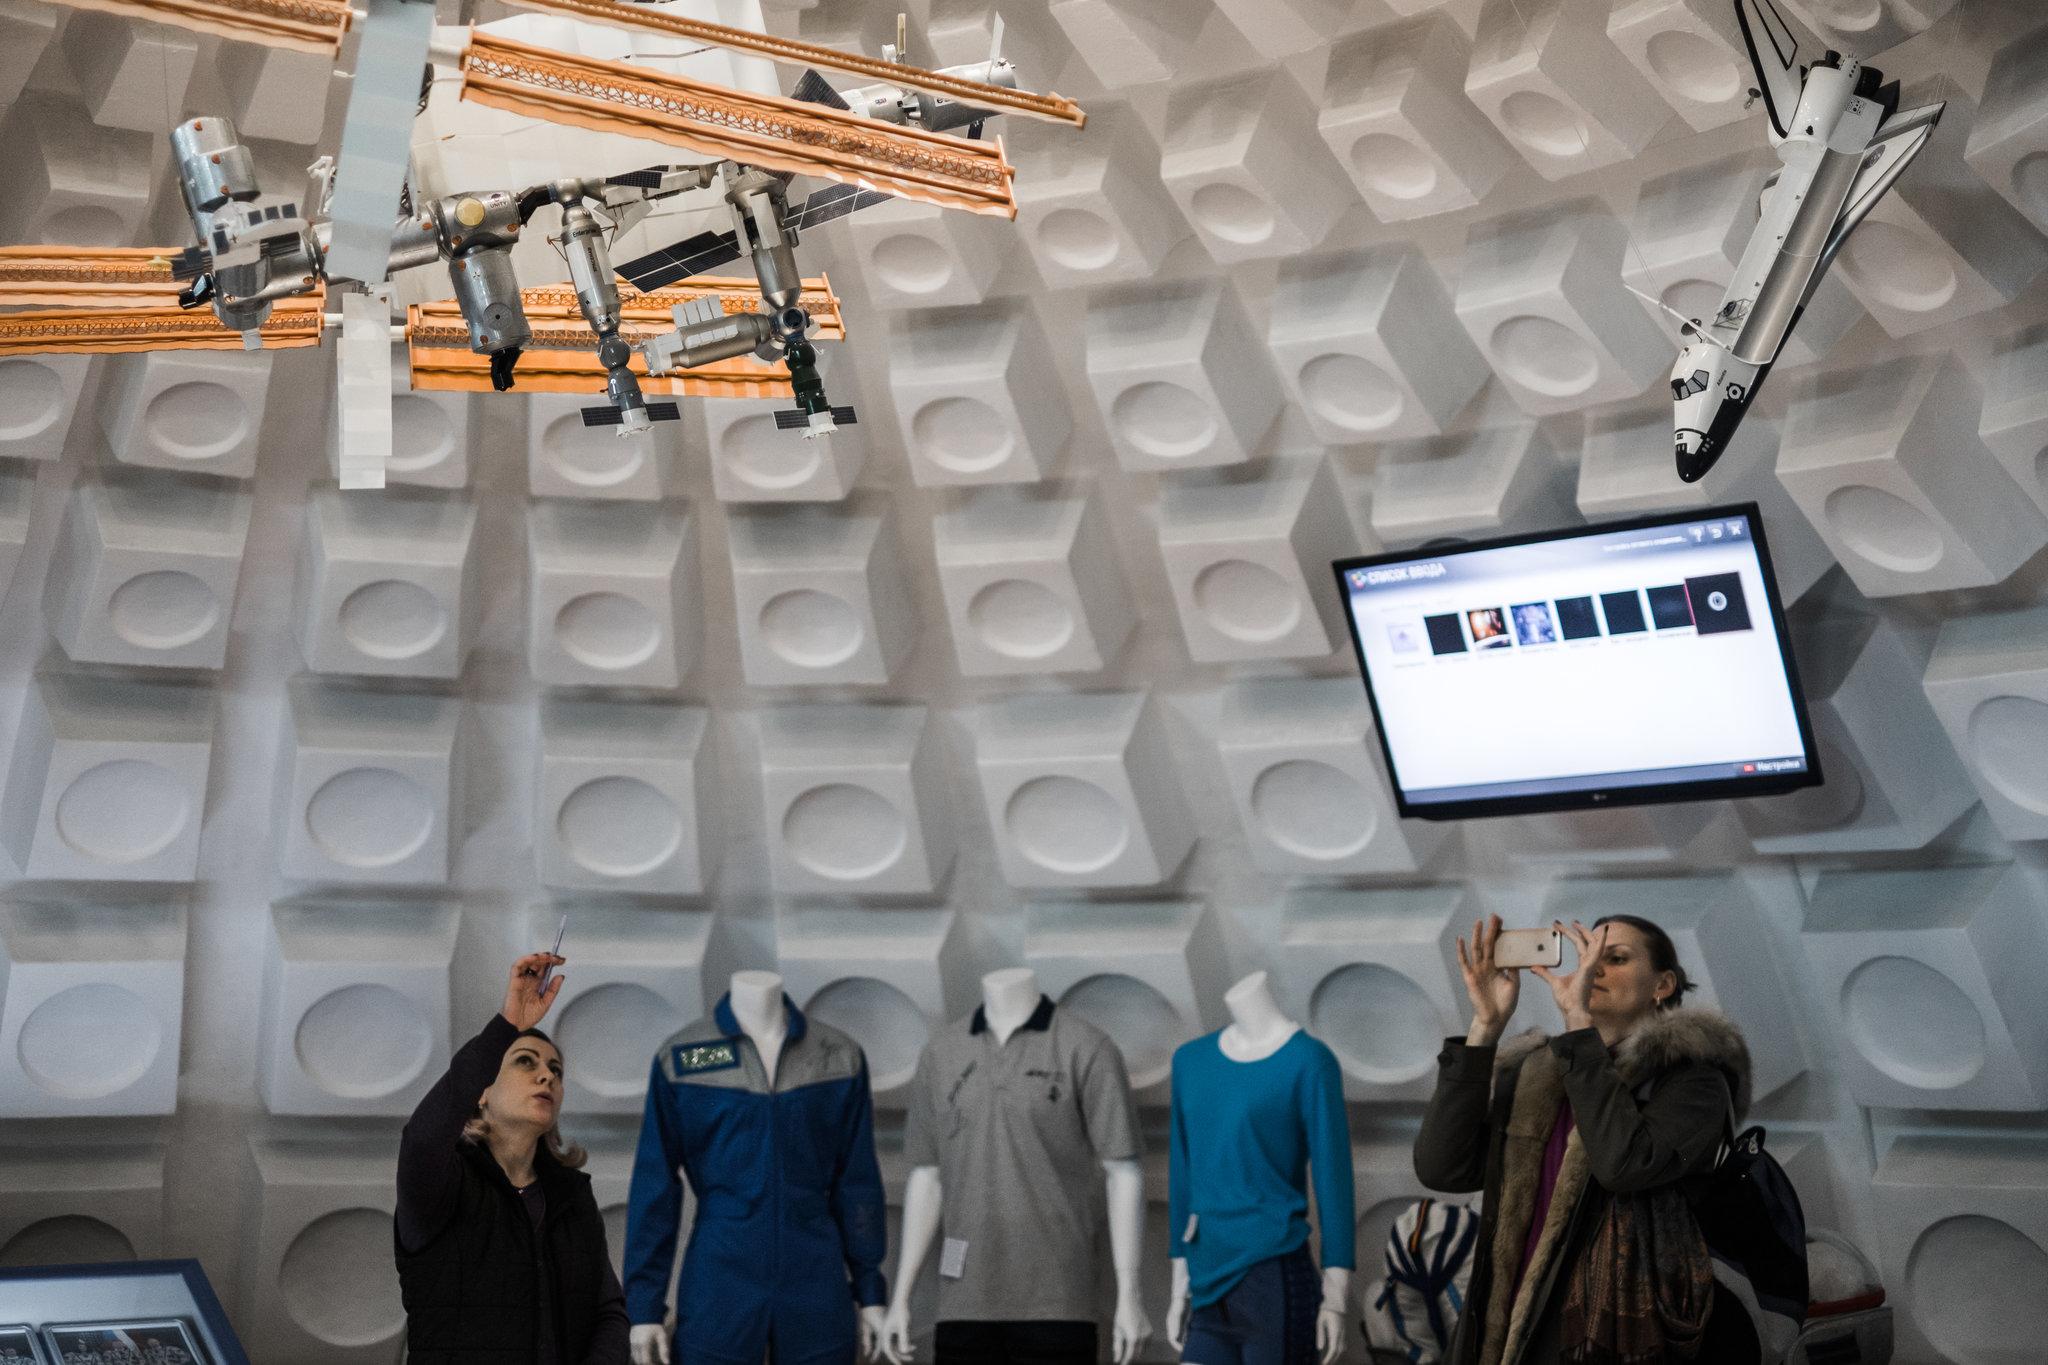 Baykonur kosmodromunda kıyafet ve roket rollerinin sergilendiği bir salon.